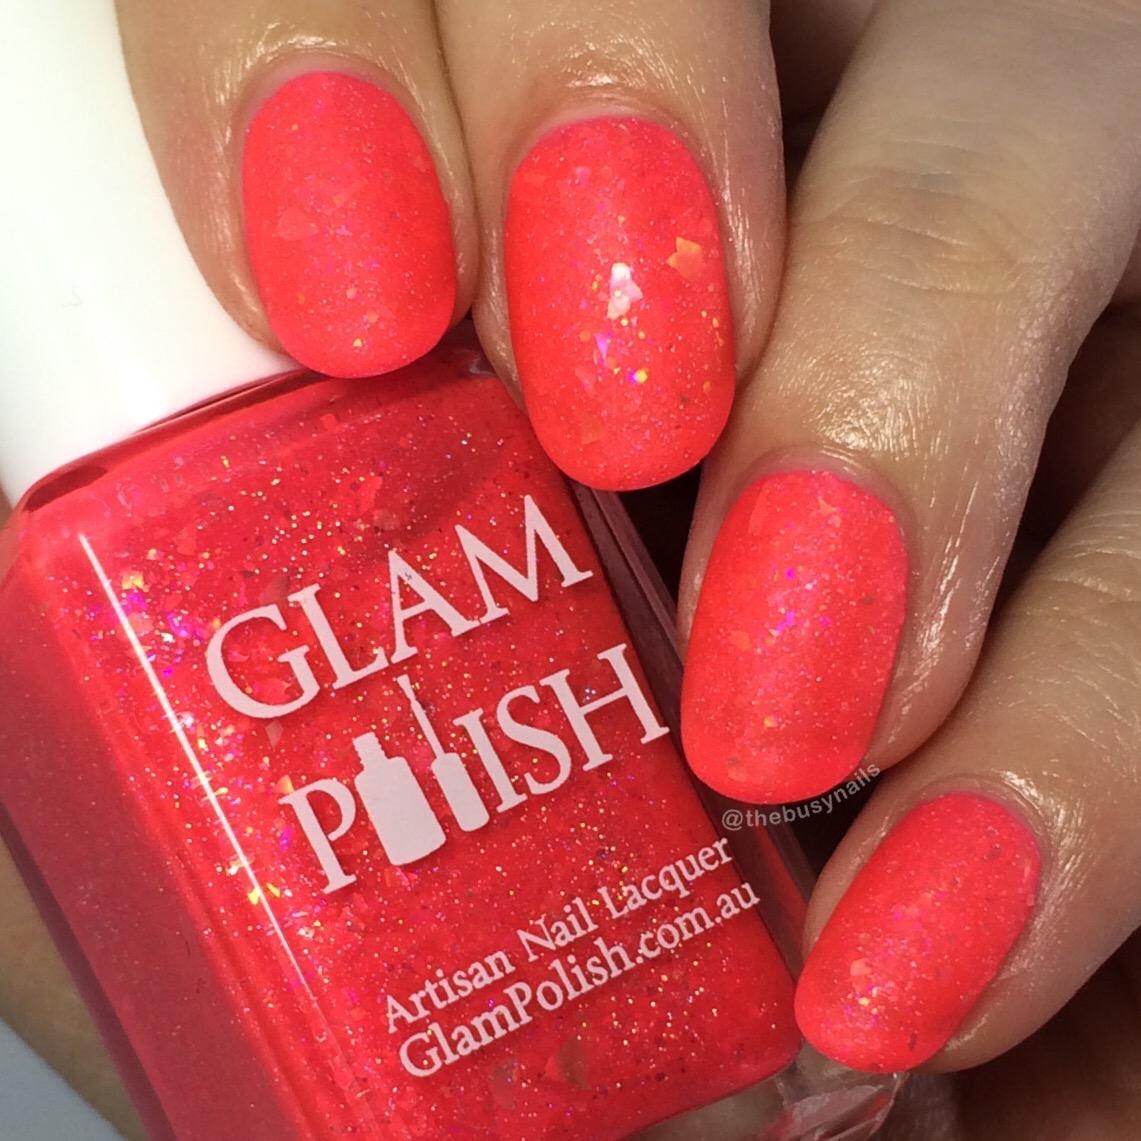 glam-polish-wish-upon-clownfish-3.jpg